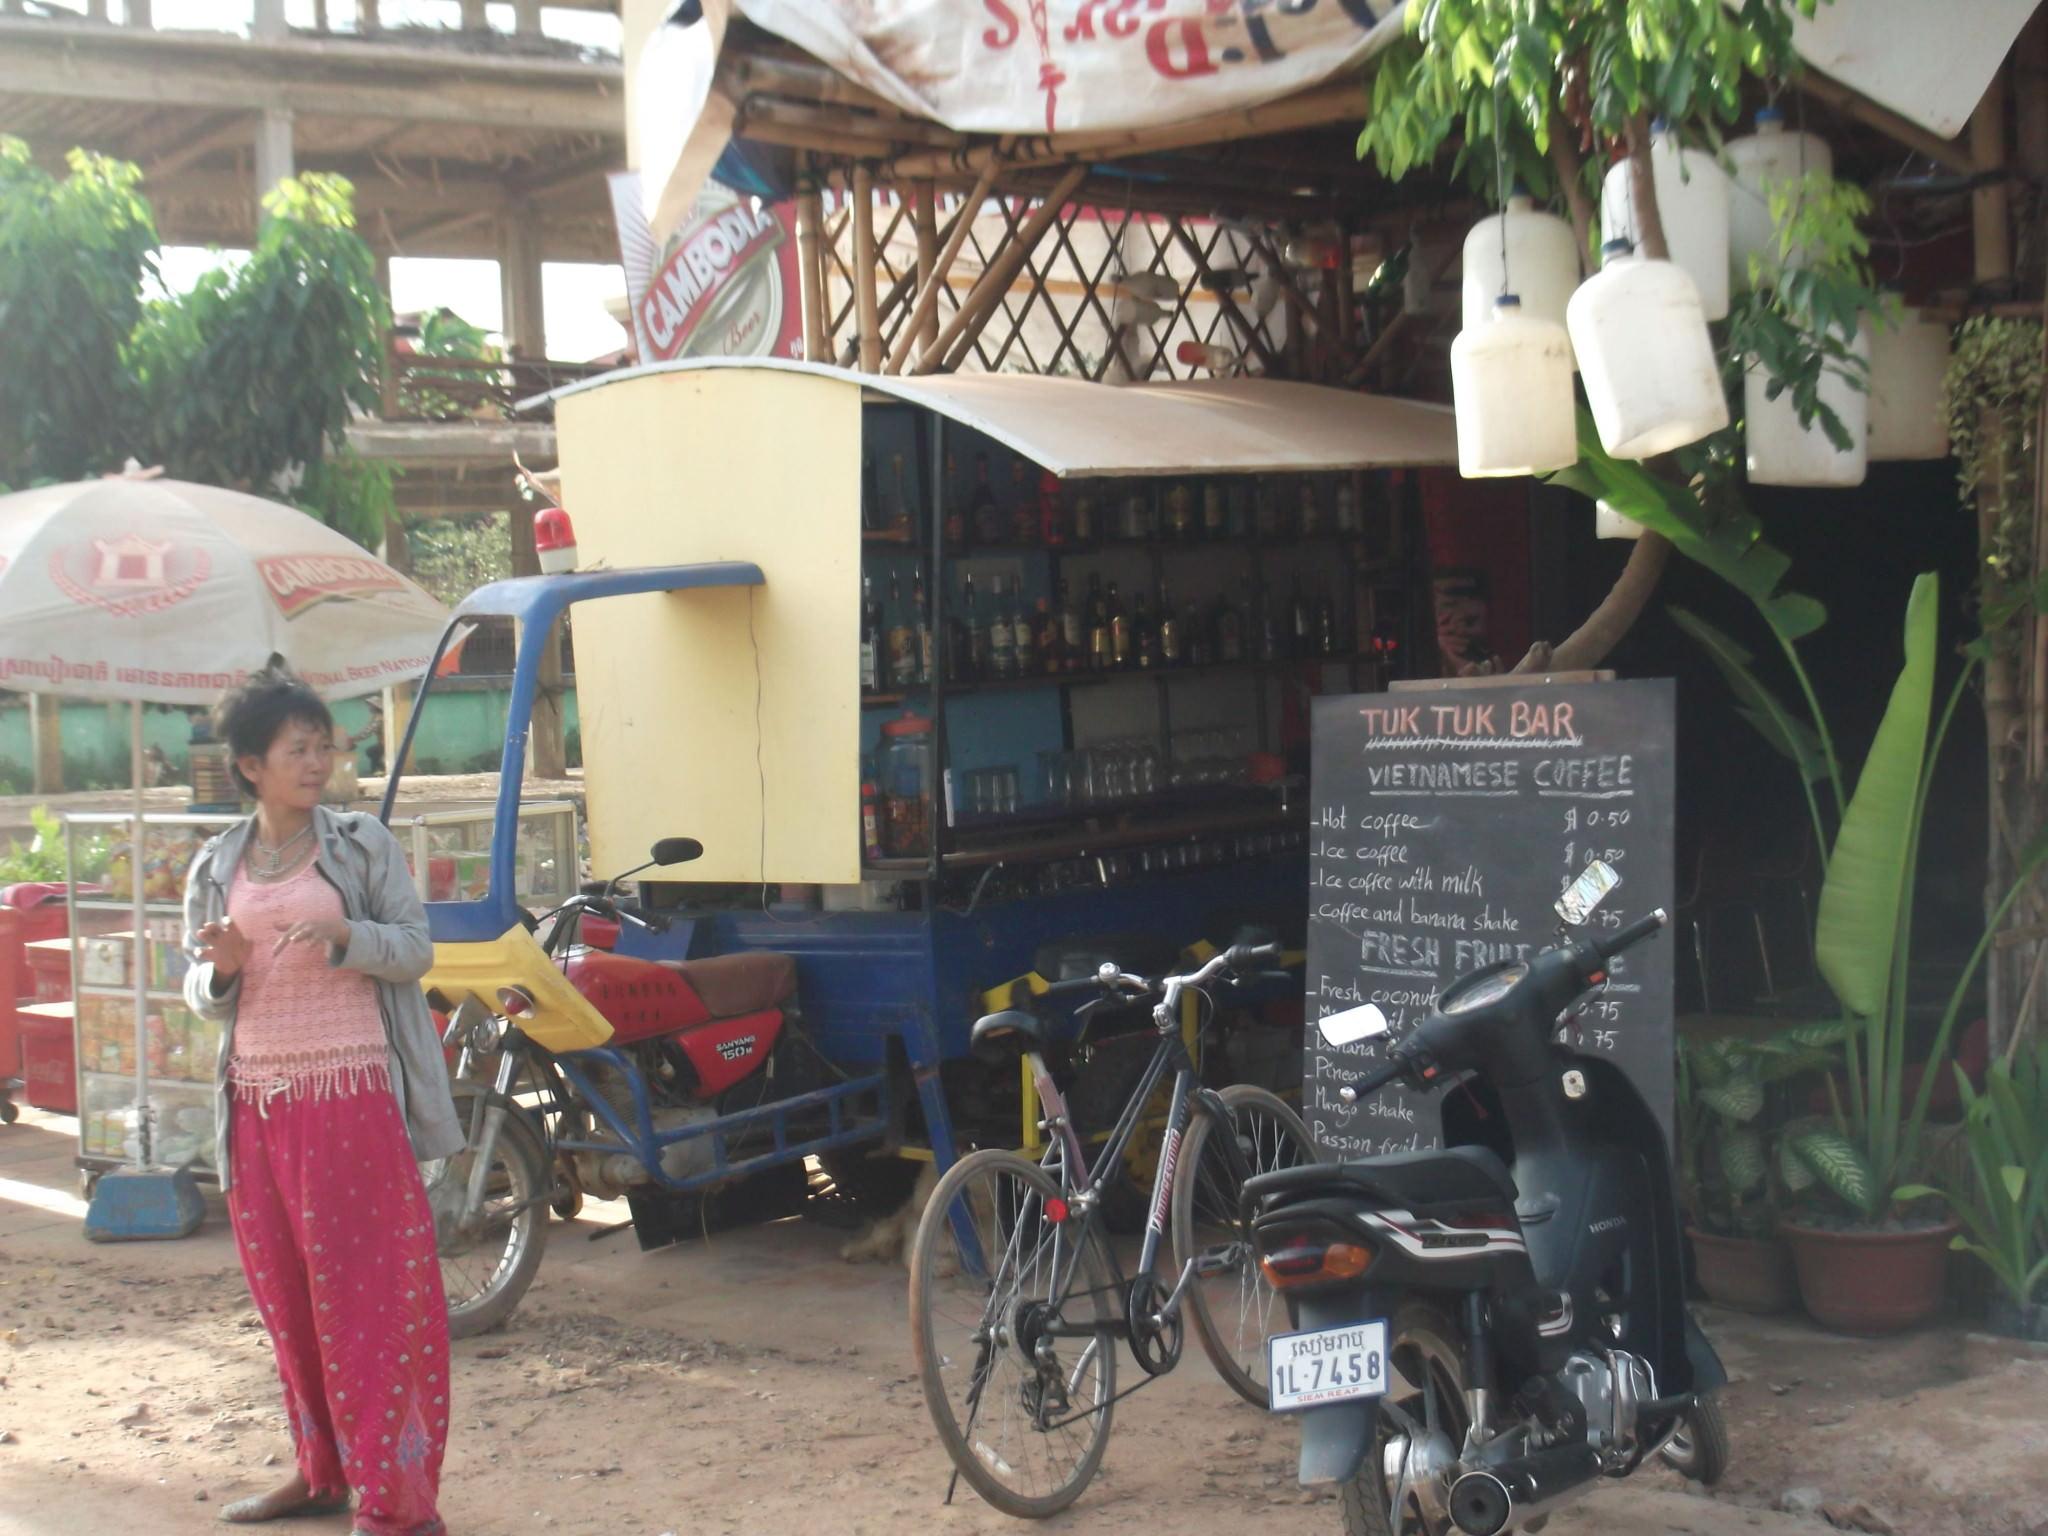 tuk tuk bar siem reap cambodia